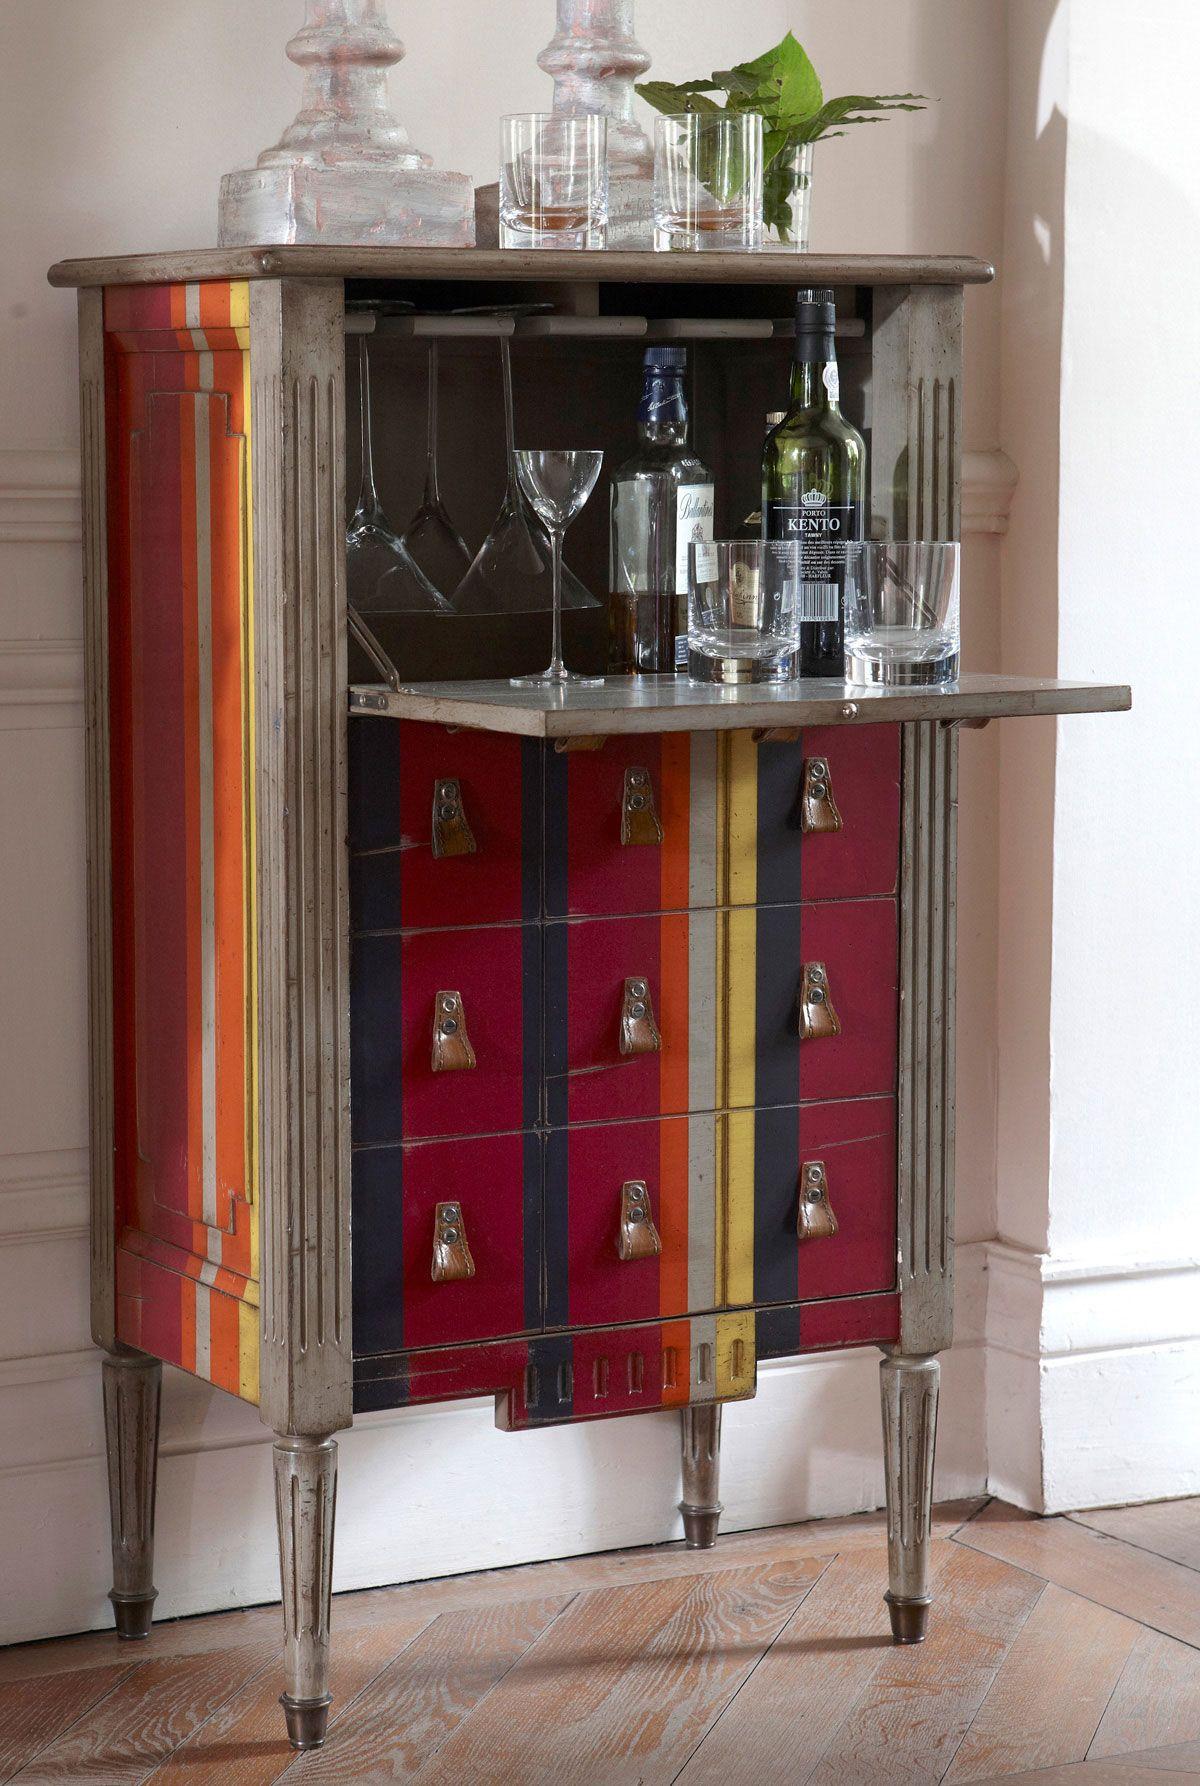 Semainier Jacob Meubles En Belgique Selection Meubles Amougies Mobilier Huisdecoratie